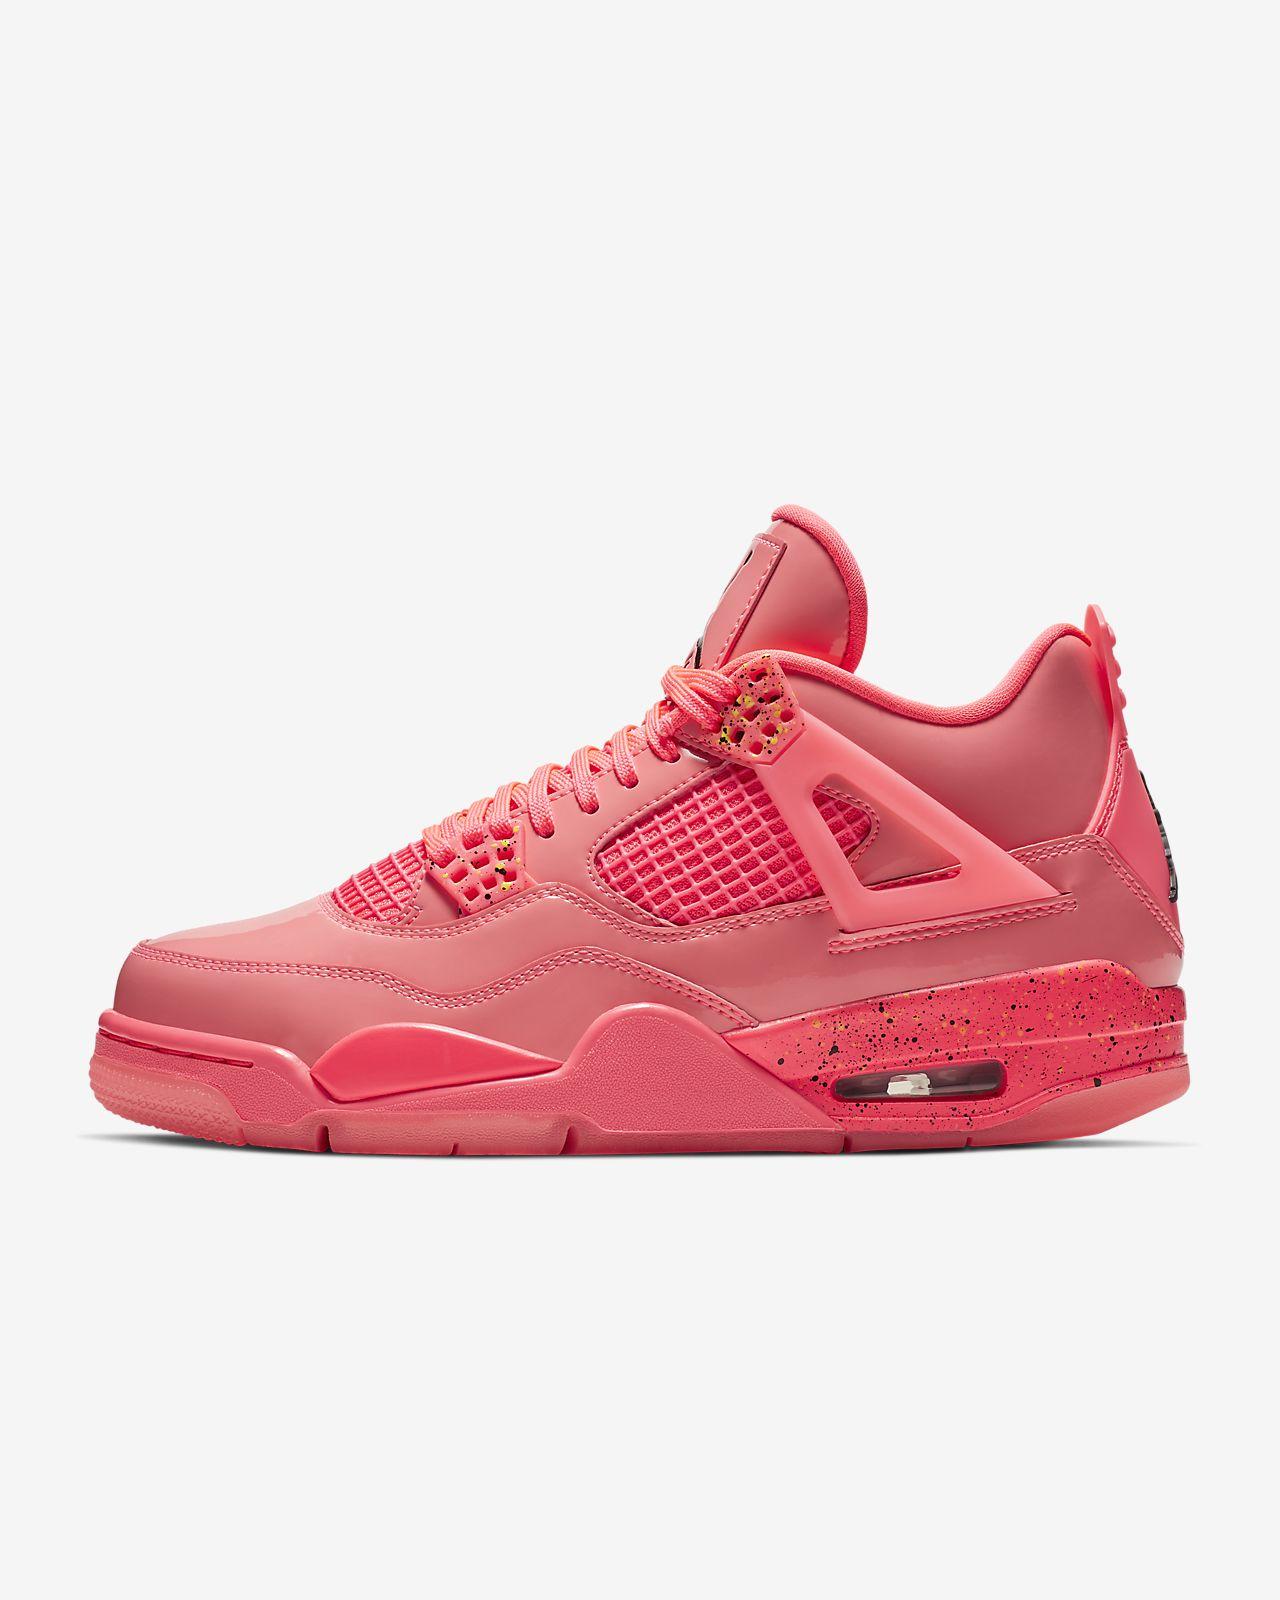 รองเท้าผู้หญิง Air Jordan 4 Retro NRG